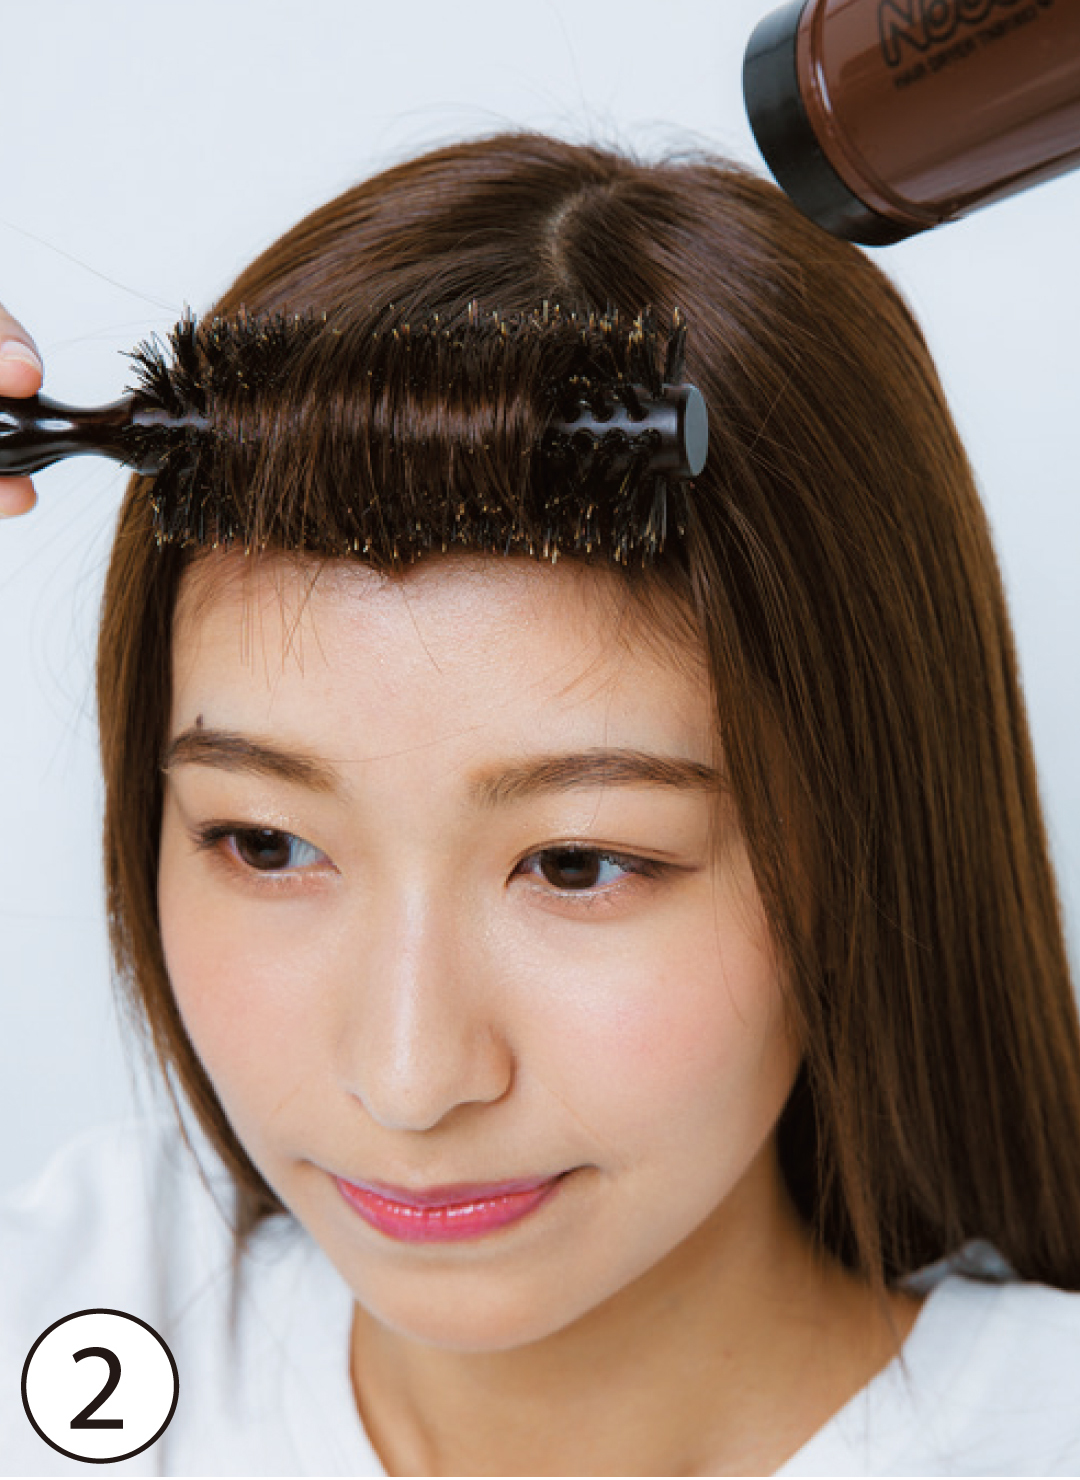 顔型別・前髪セルフカットで小顔! 切り方&スタイリング術も伝授♪_1_12-2